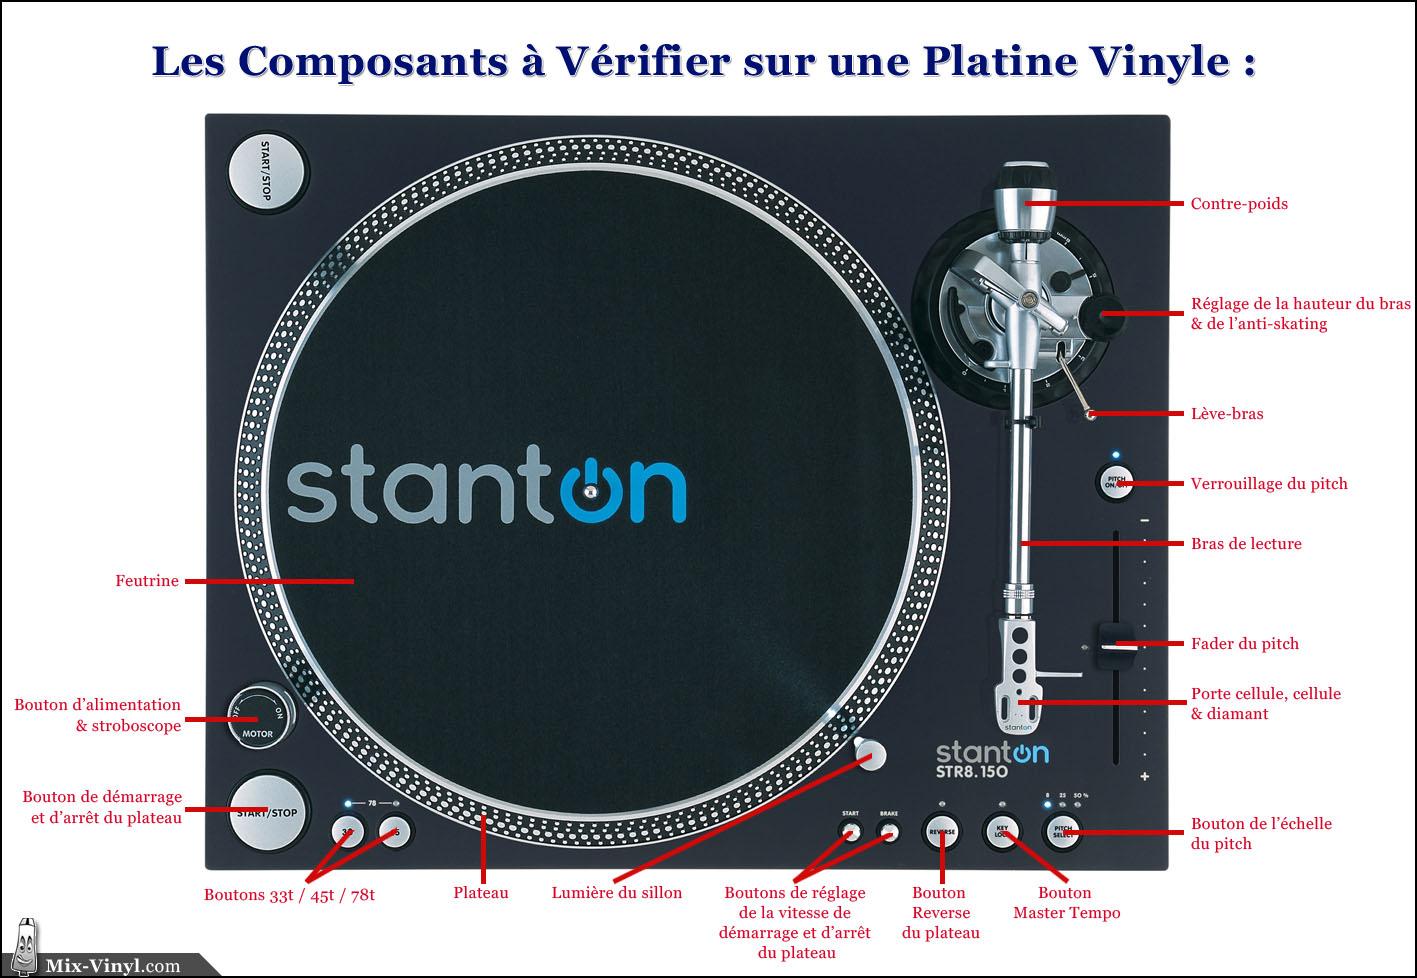 Quelle Marque De Platine Vinyle Choisir n'achetez pas vos platines vinyles d'occasion sans vérifier